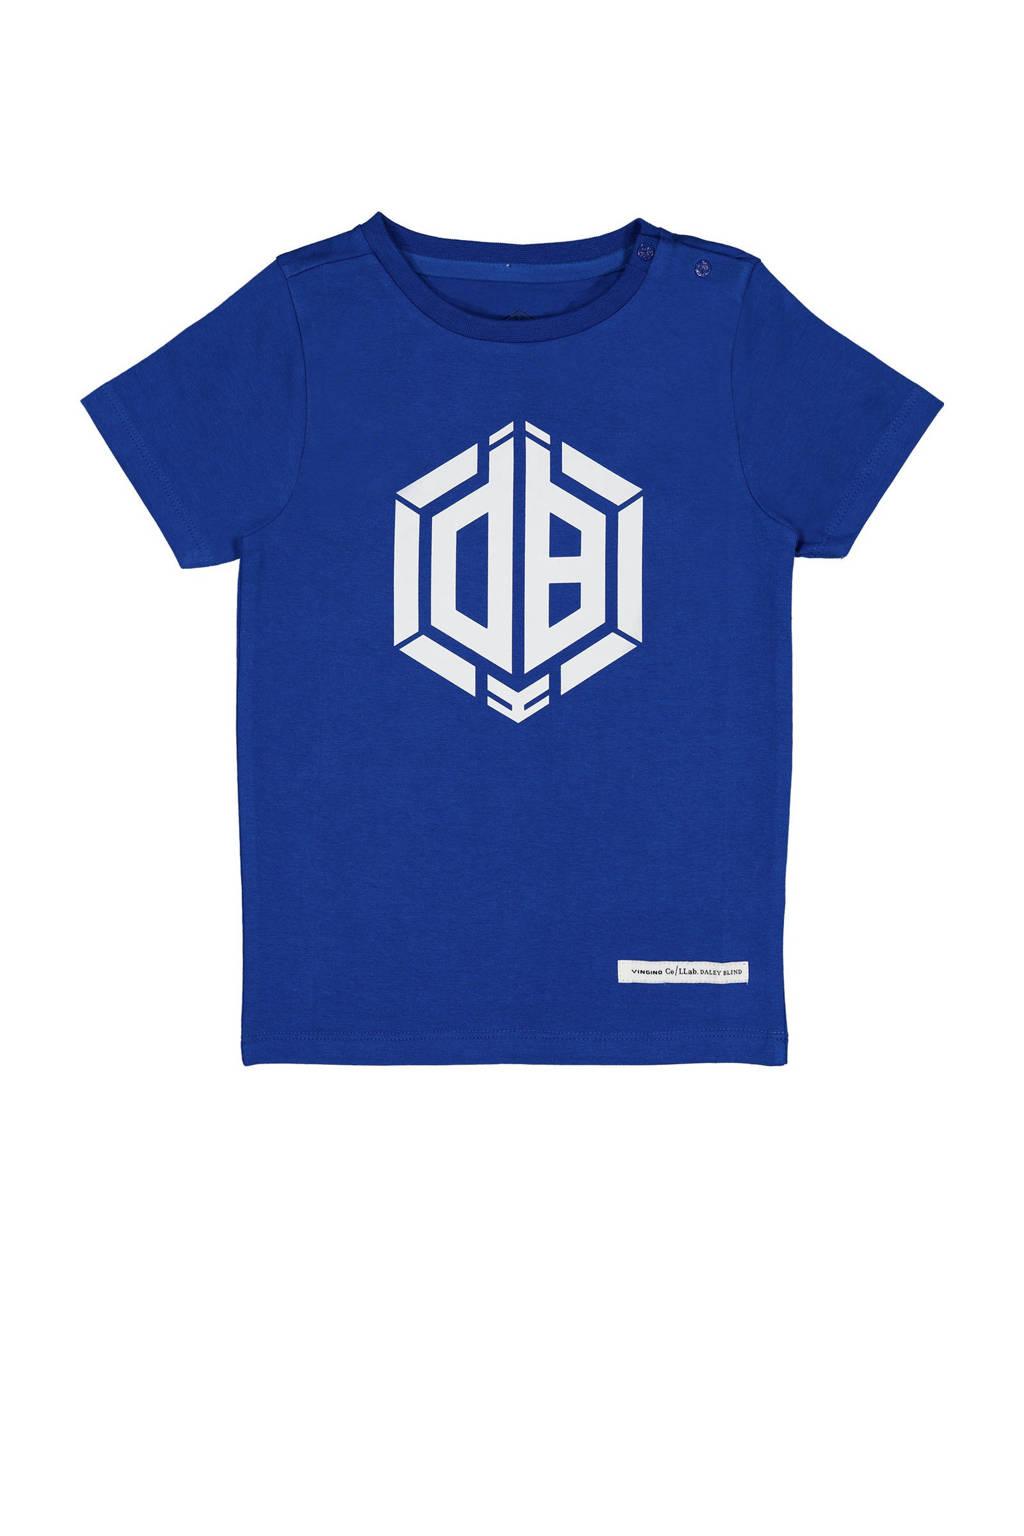 Vingino Daley Blind T-shirt Hermy met logo 1002 lapis blue, 1002 Lapis Blue